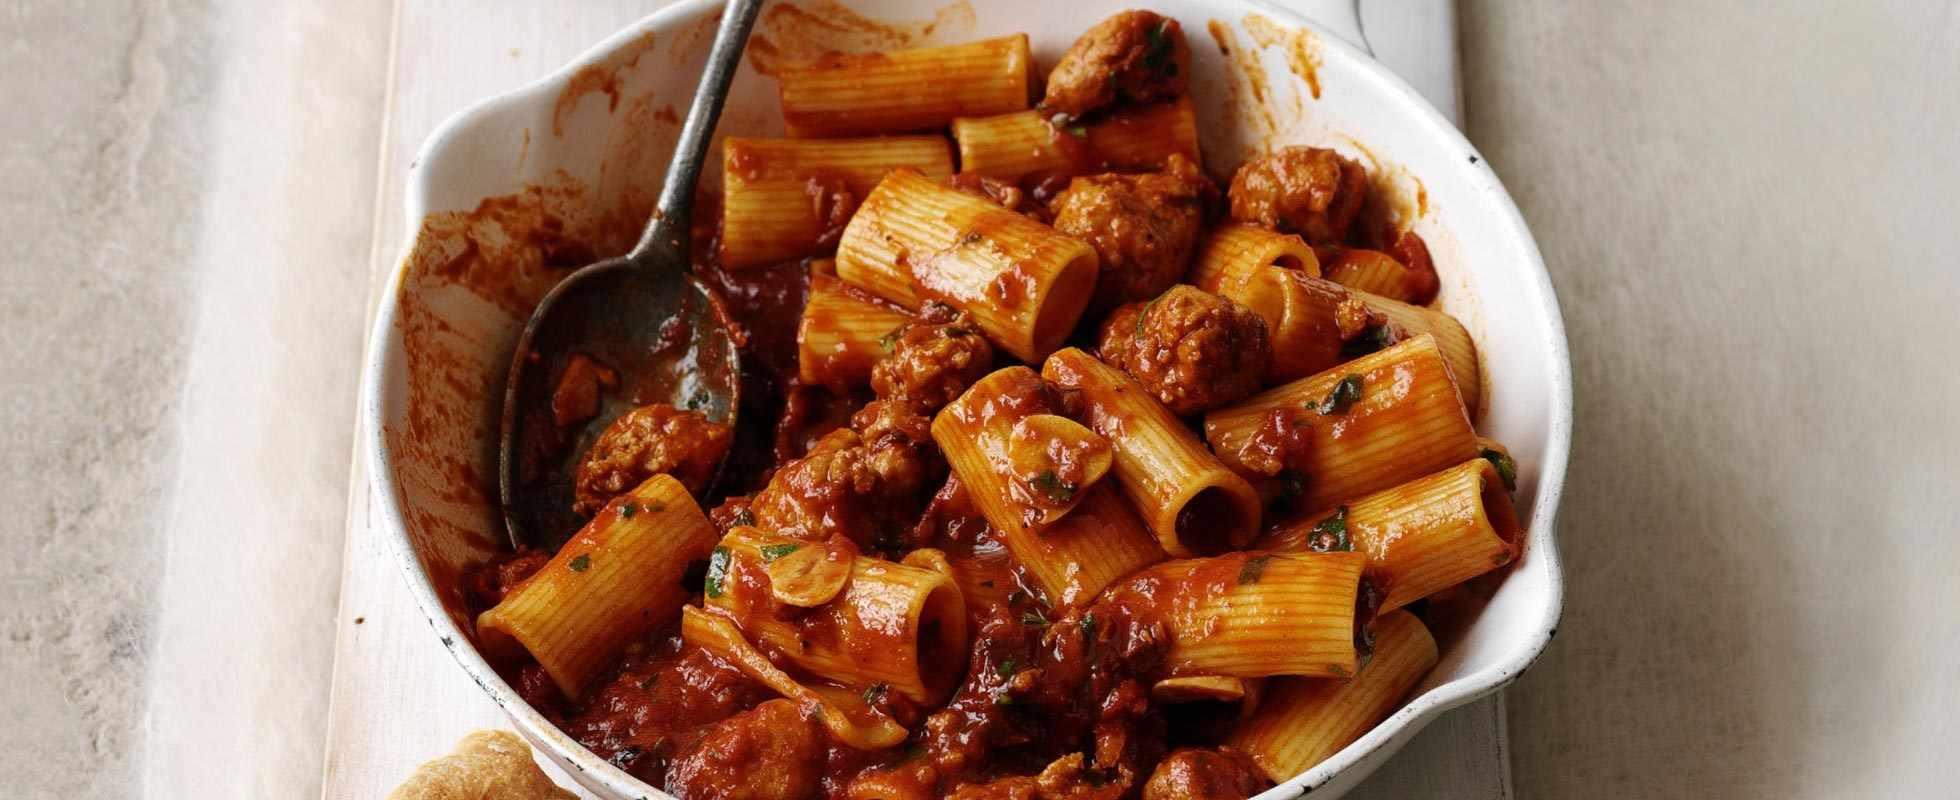 Smoky sausage ragu pasta